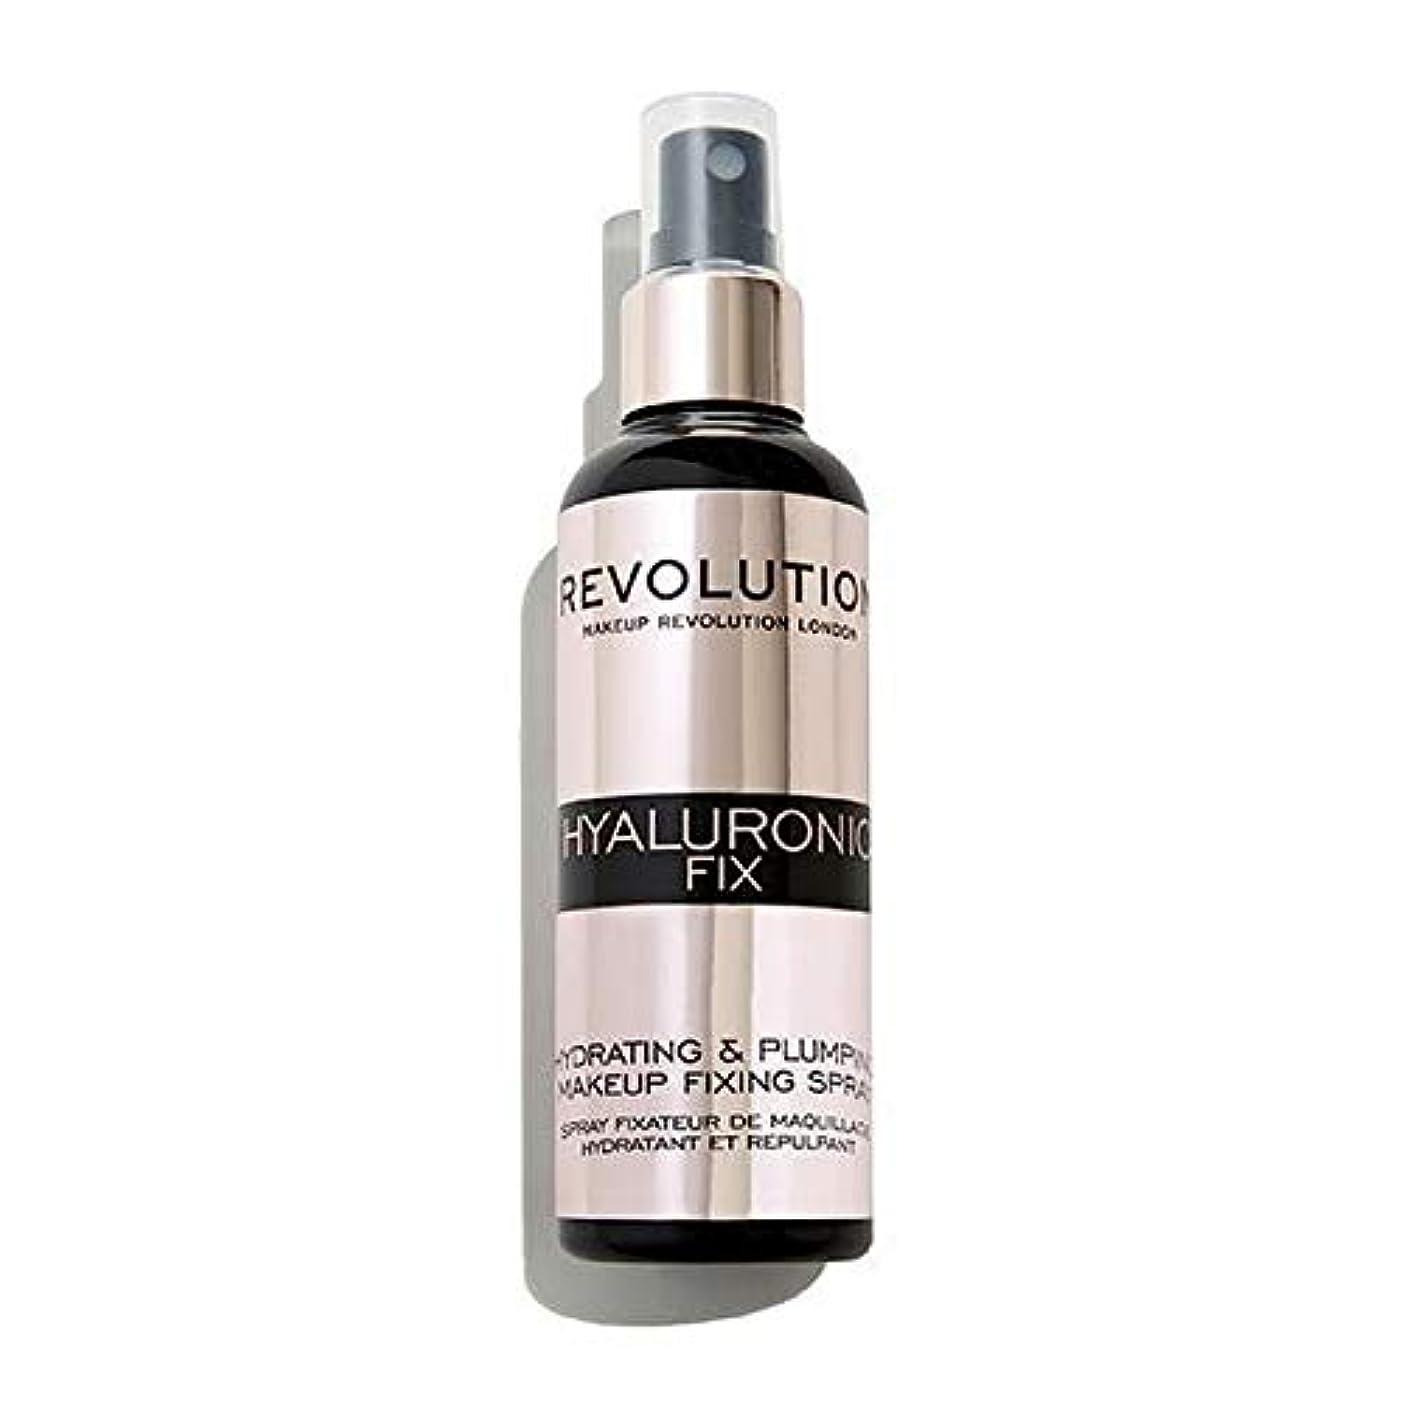 する別々にファッション[Revolution ] 化粧革命ヒアルロン固定スプレー - Makeup Revolution Hyaluronic Fixing Spray [並行輸入品]